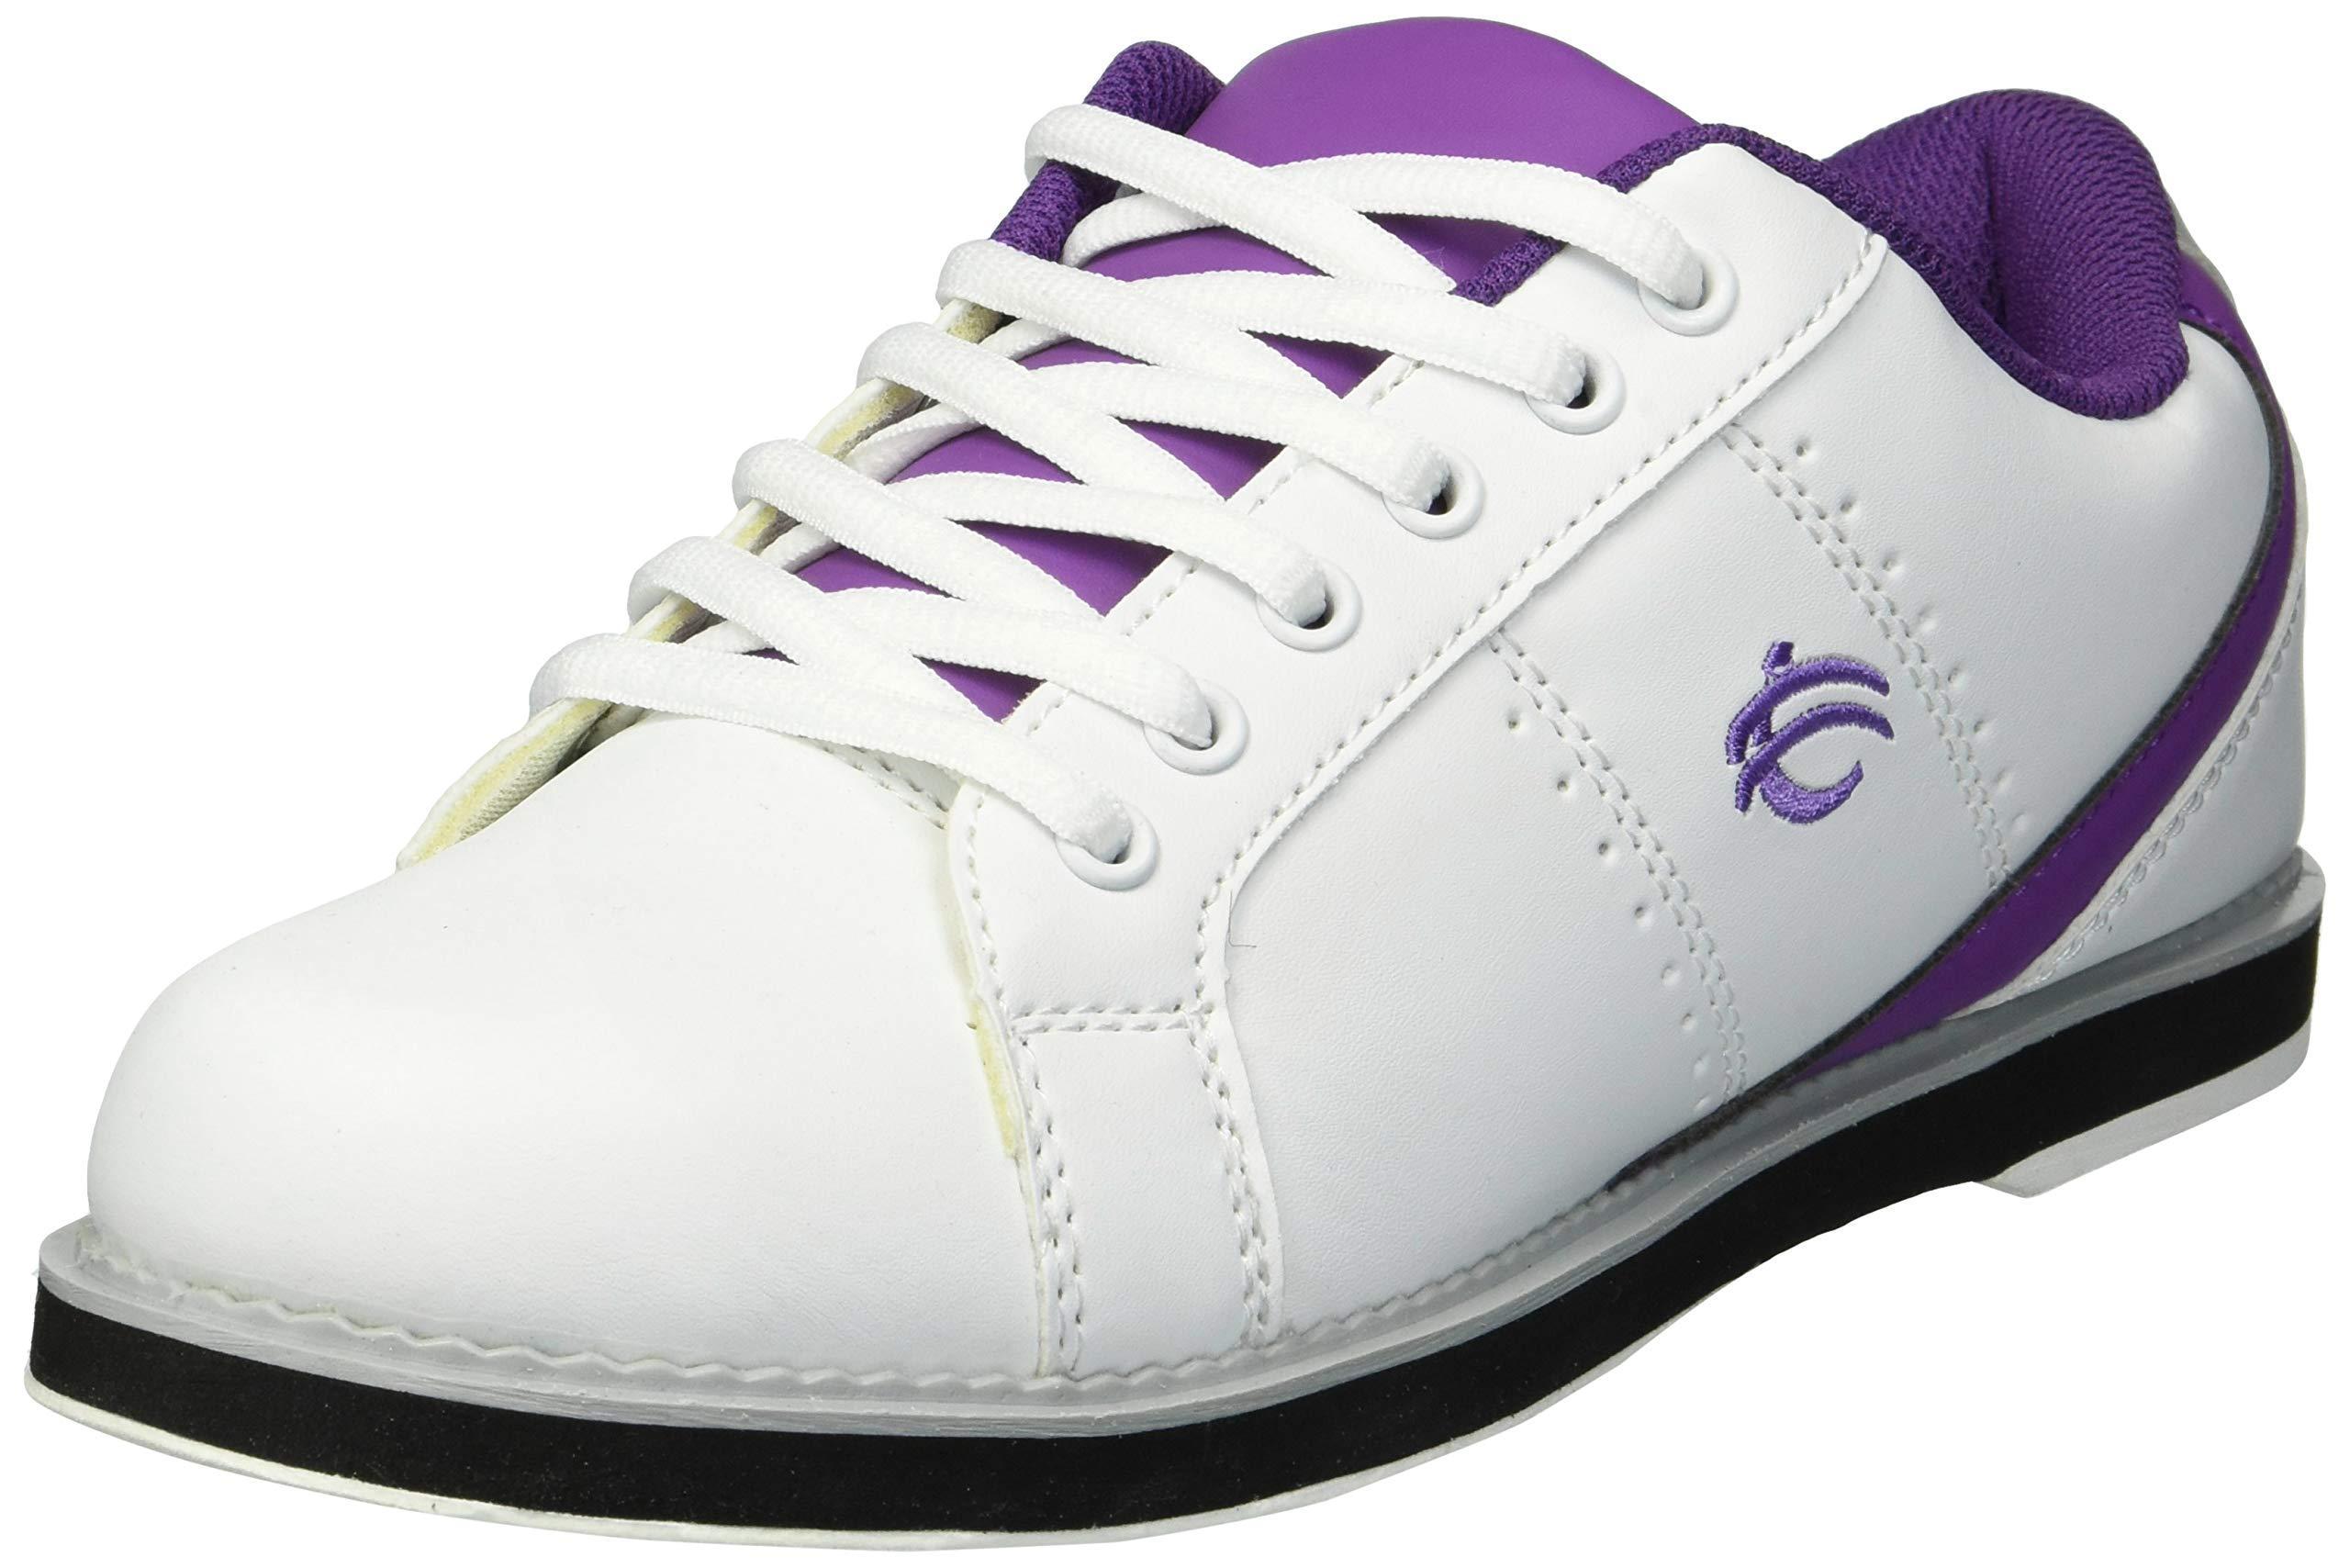 BSI Women's 460 Bowling Shoe, White/Purple, Size 8 by BSI